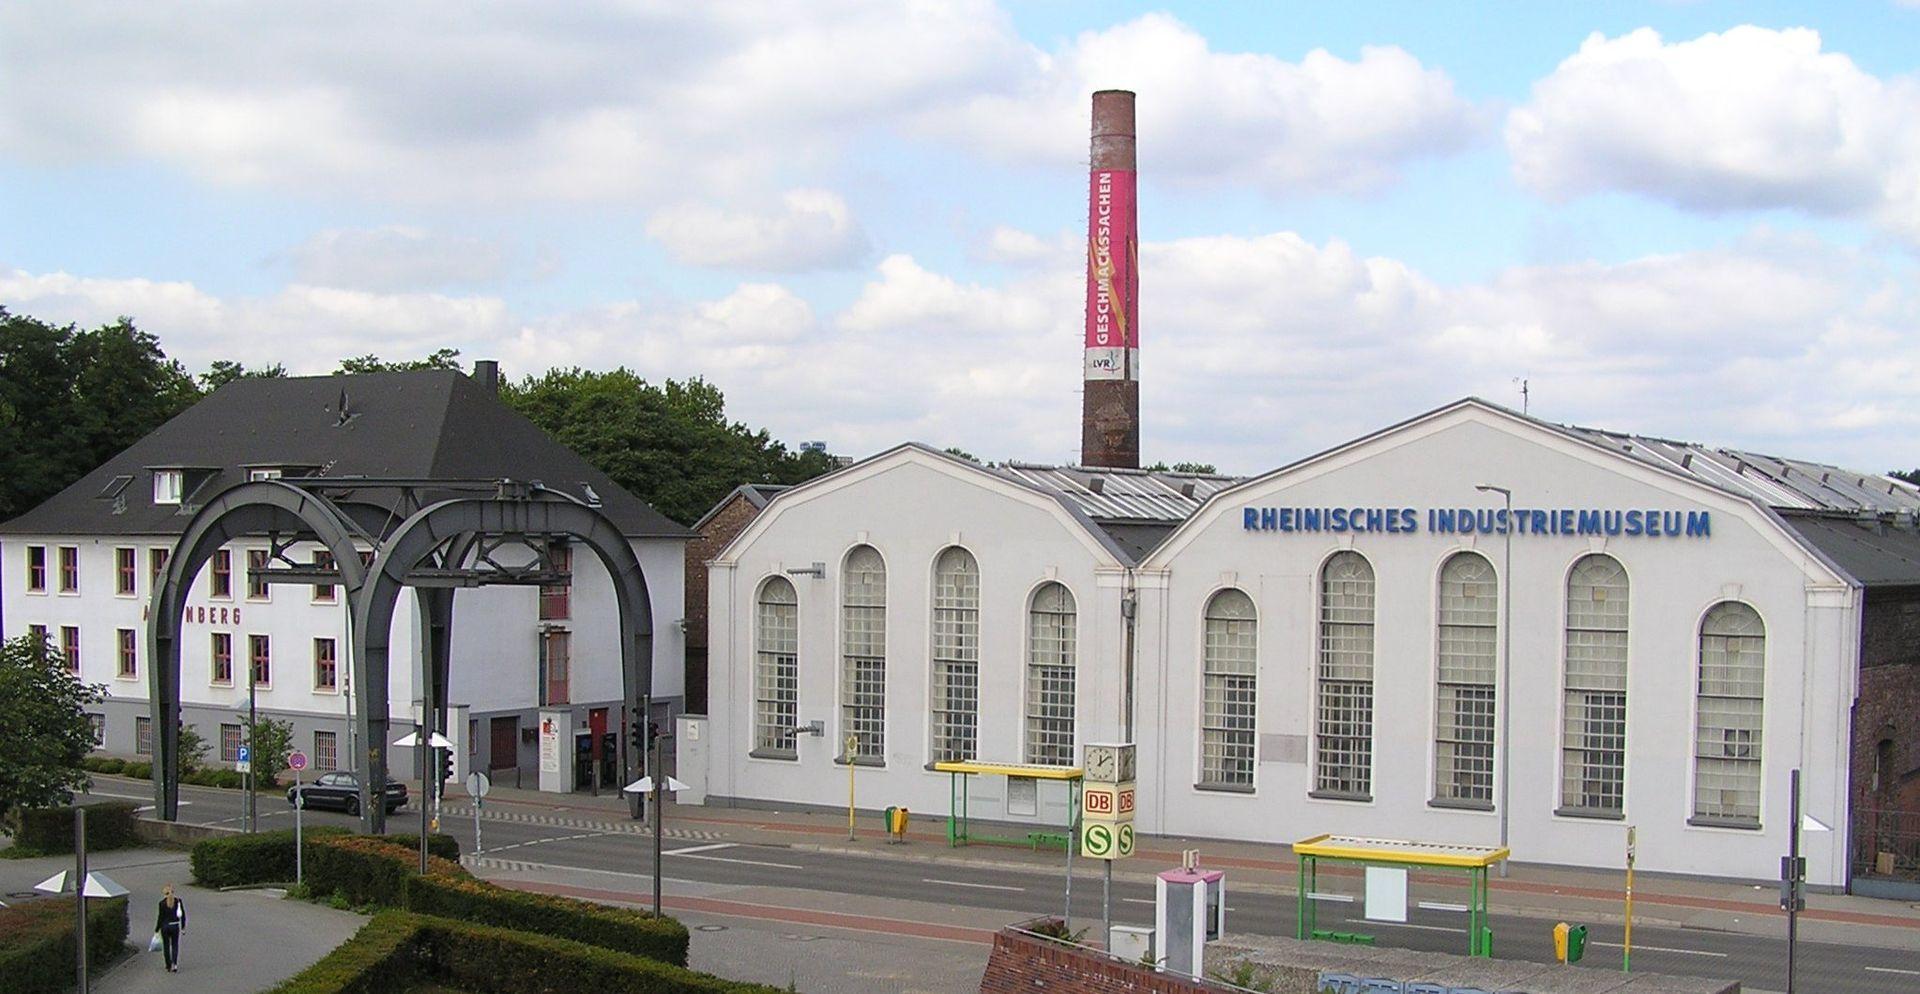 Bild LVR Industriemuseum Oberhausen